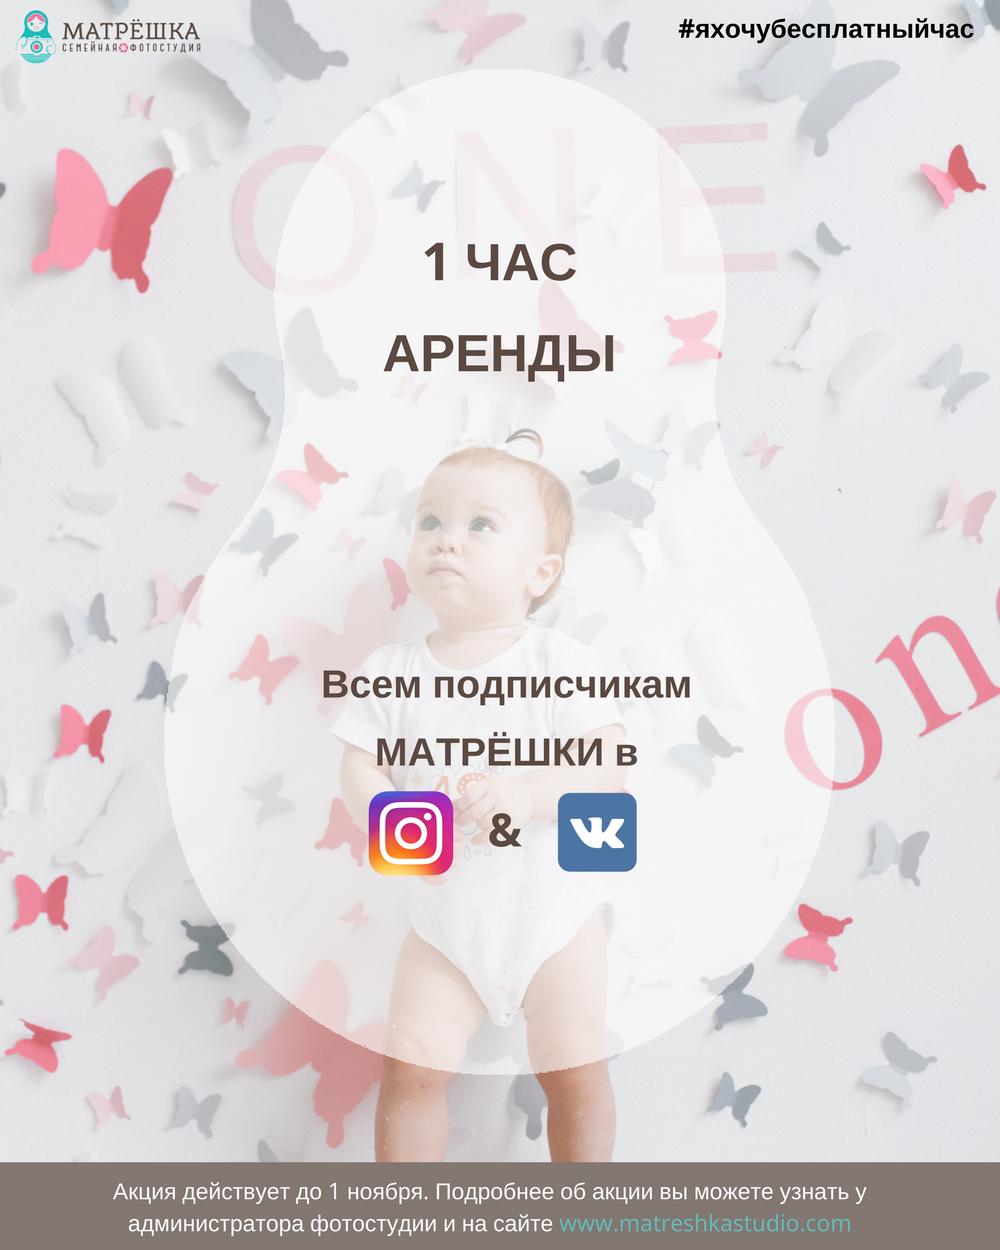 Бесплатный час аренды всем подписчикам в VK и Instagram